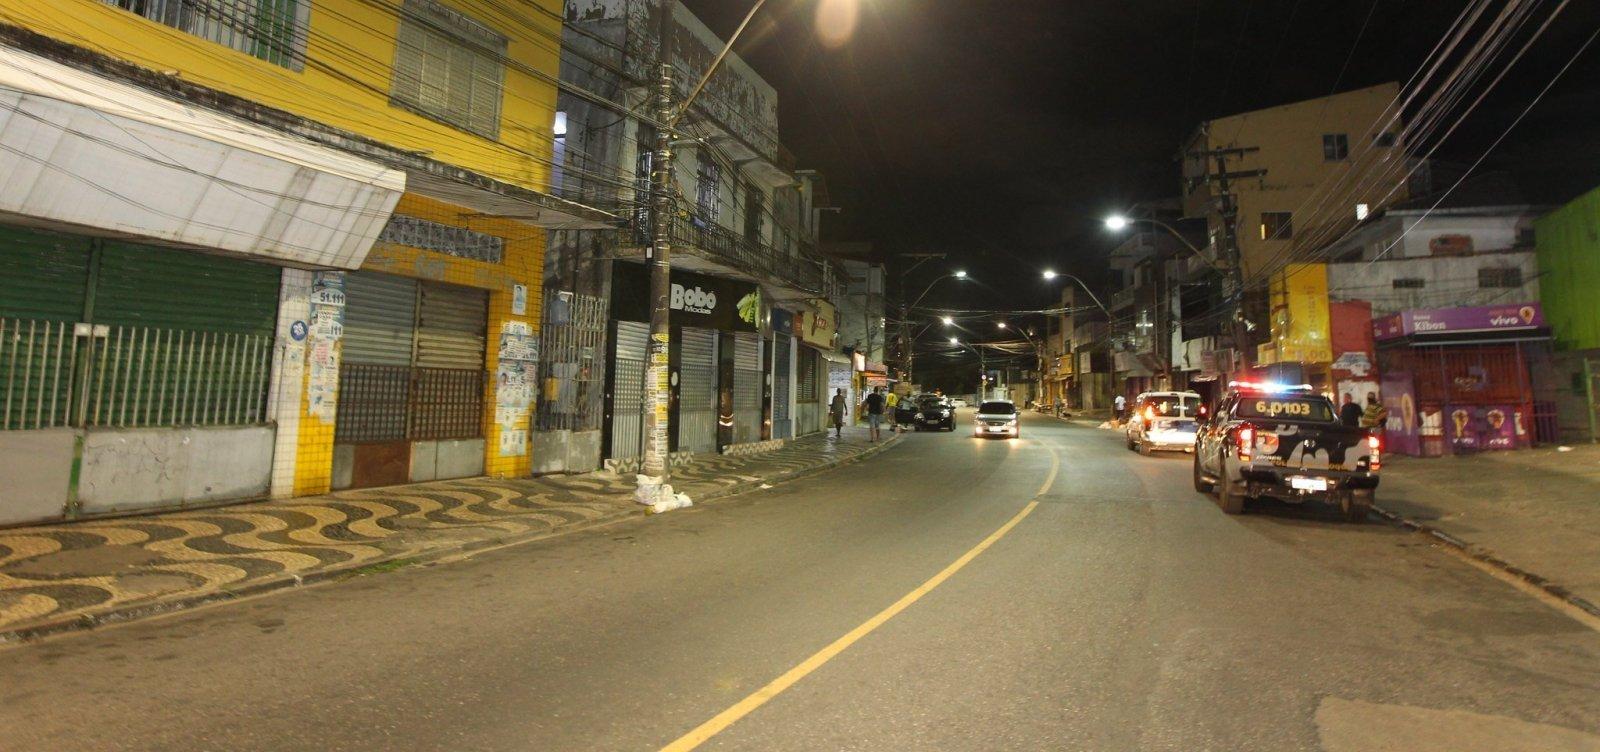 Governo prorroga medidas restritivas para regiões oeste e nordeste da Bahia até 29 de junho